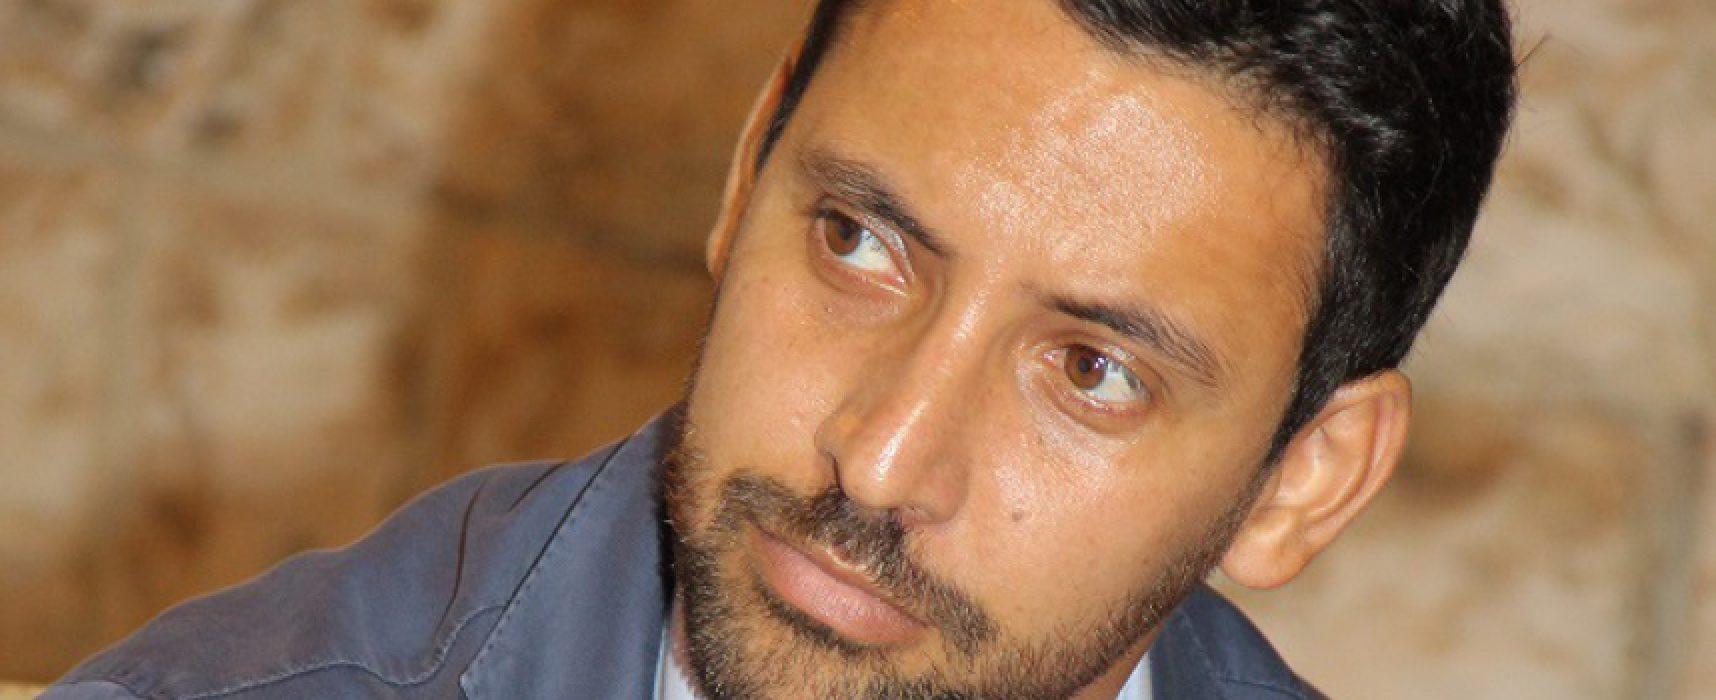 """Politica, Vincenzo Arena: """"Al fianco dei 5 stelle, non è la solita palude come Pd e Forza Italia"""""""